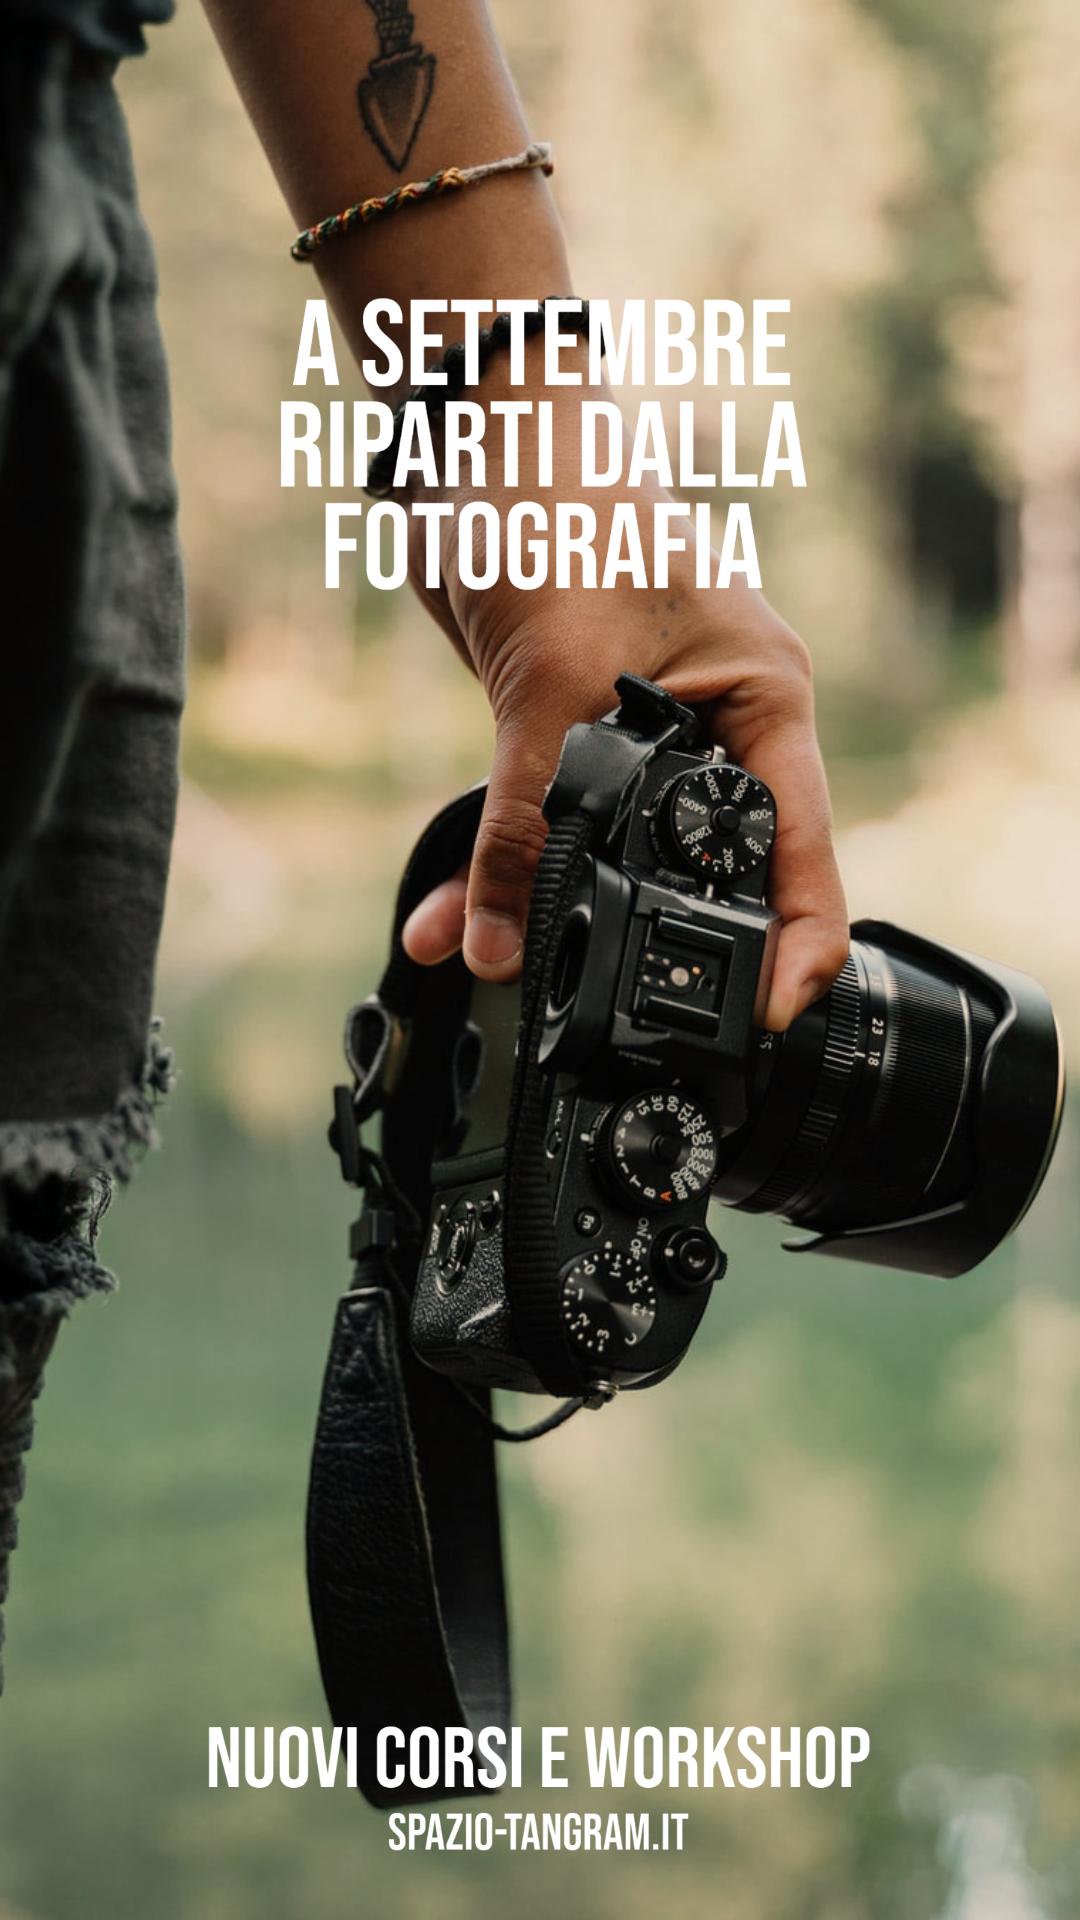 Scopri i nuovi corsi e workshop di fotografia di Spazio Tangram Napoli